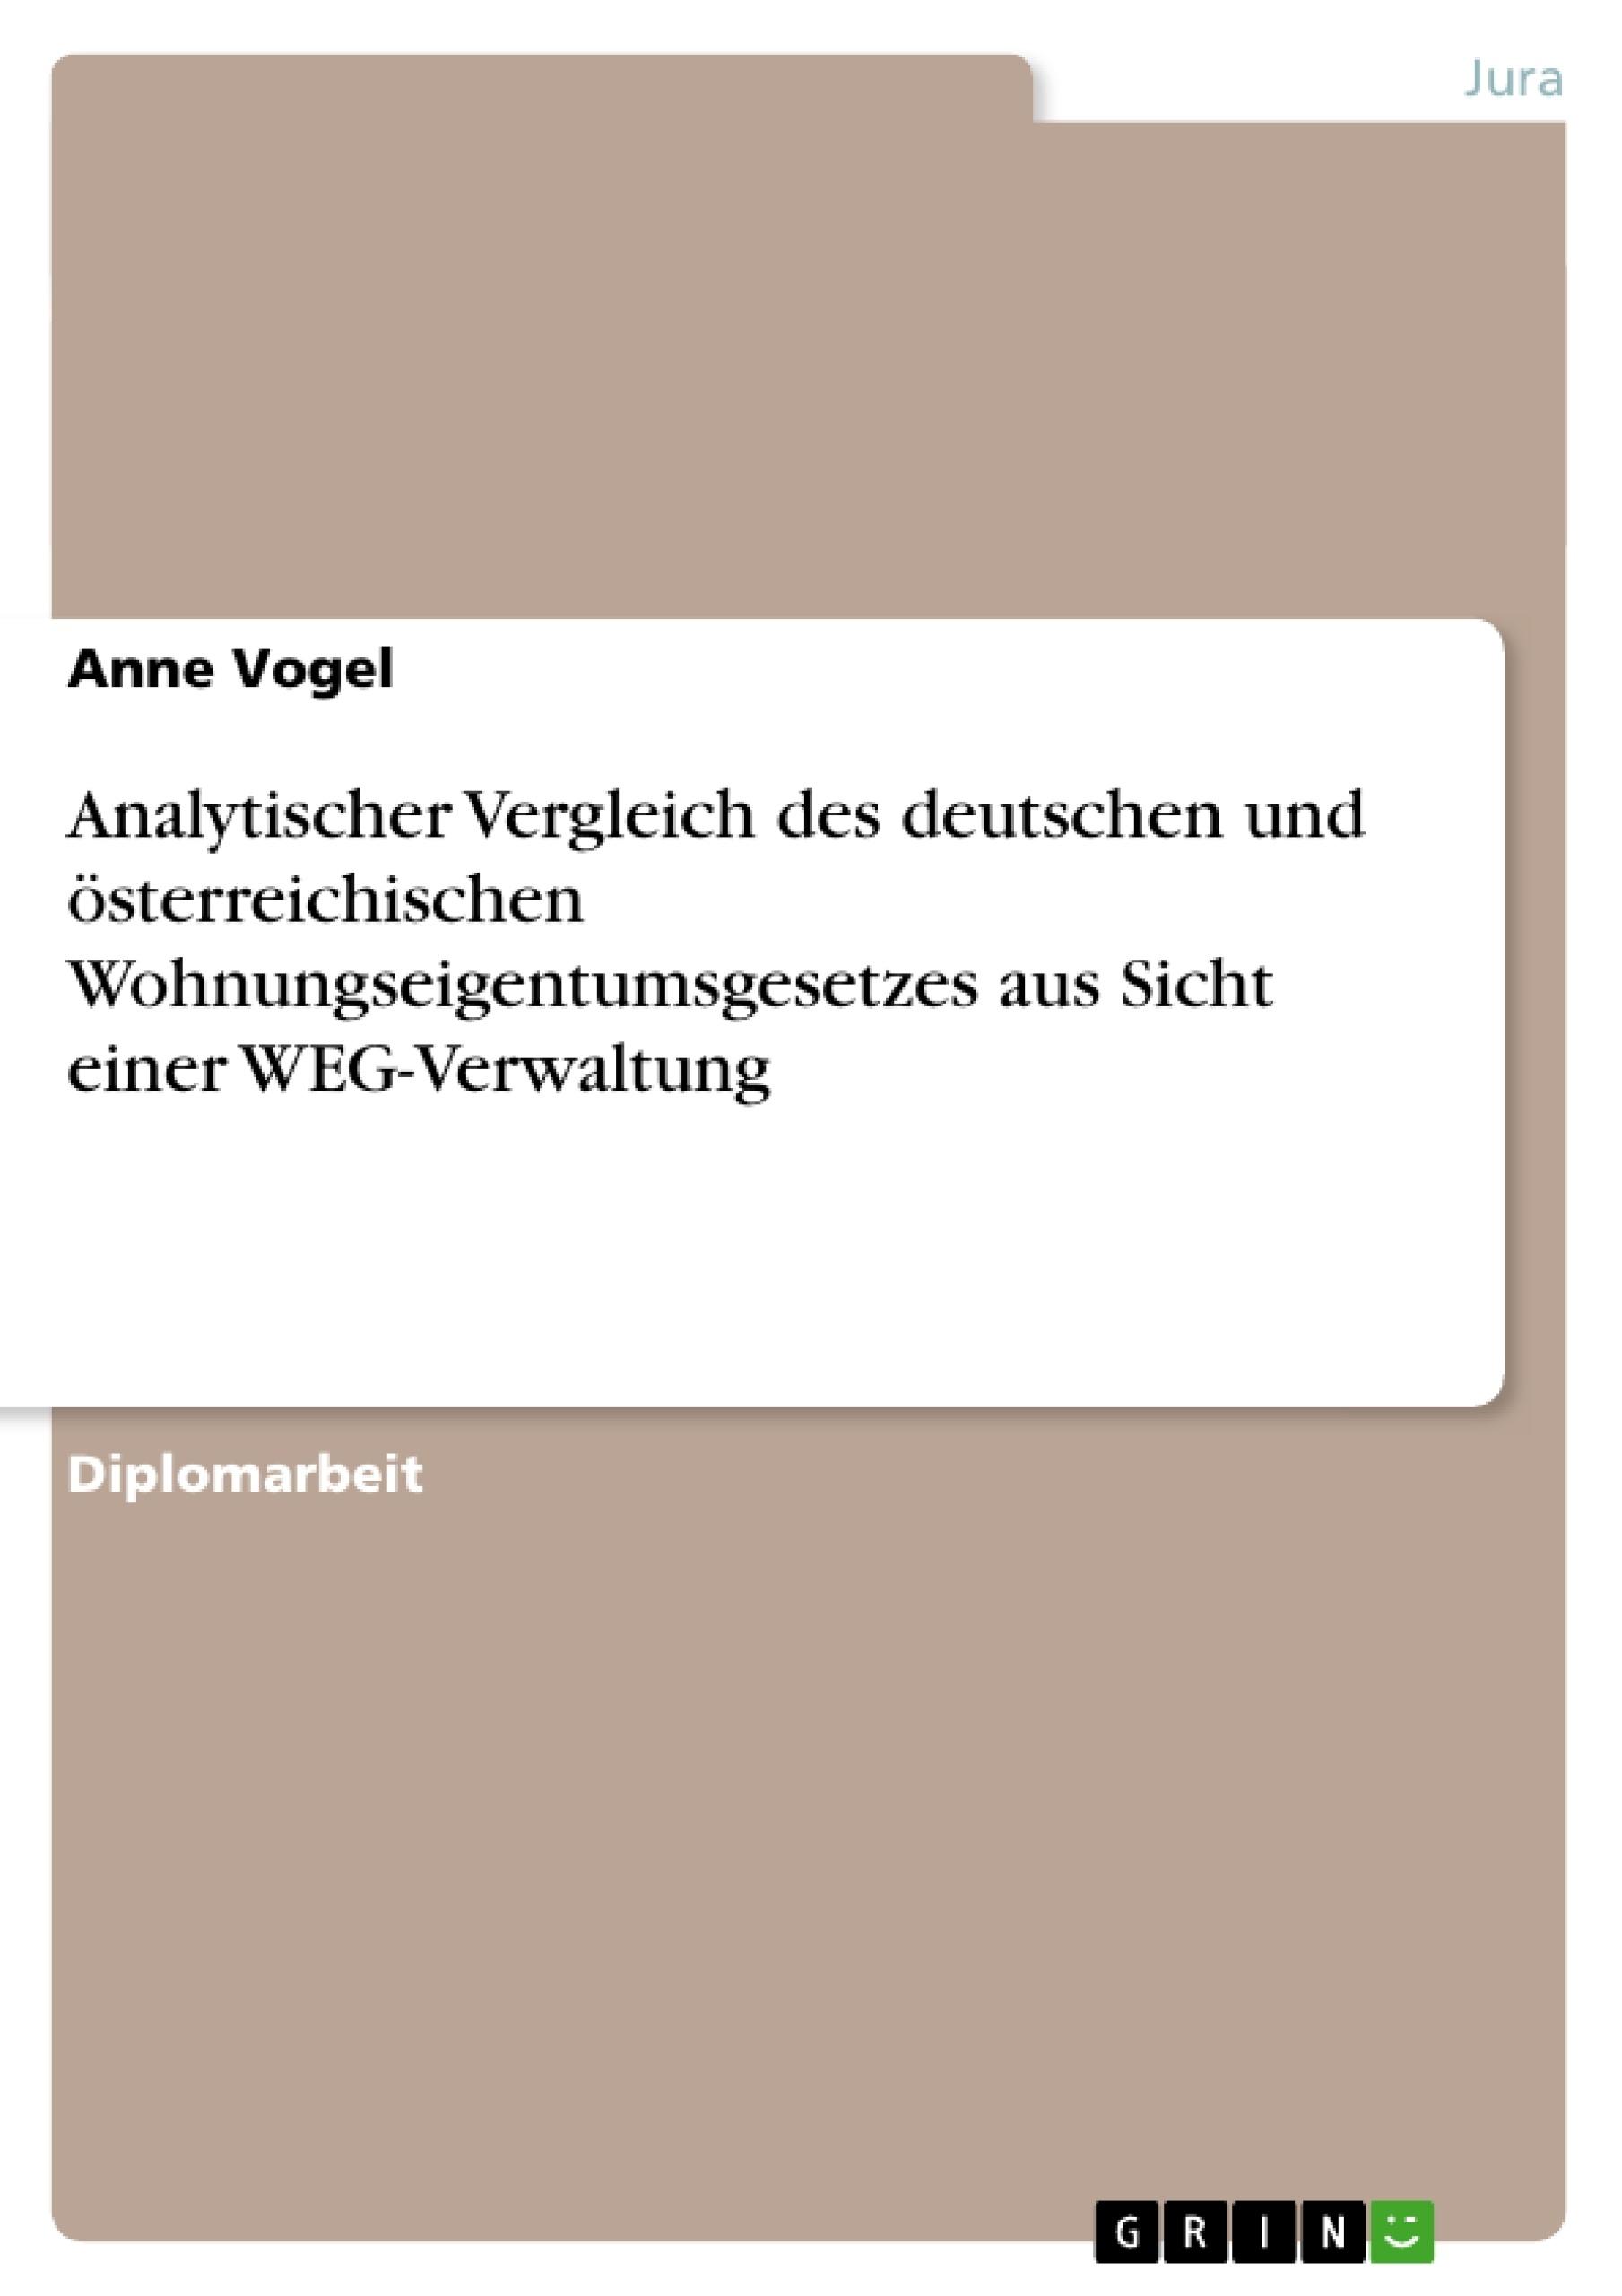 Titel: Analytischer Vergleich des deutschen und österreichischen Wohnungseigentumsgesetzes aus Sicht einer WEG-Verwaltung